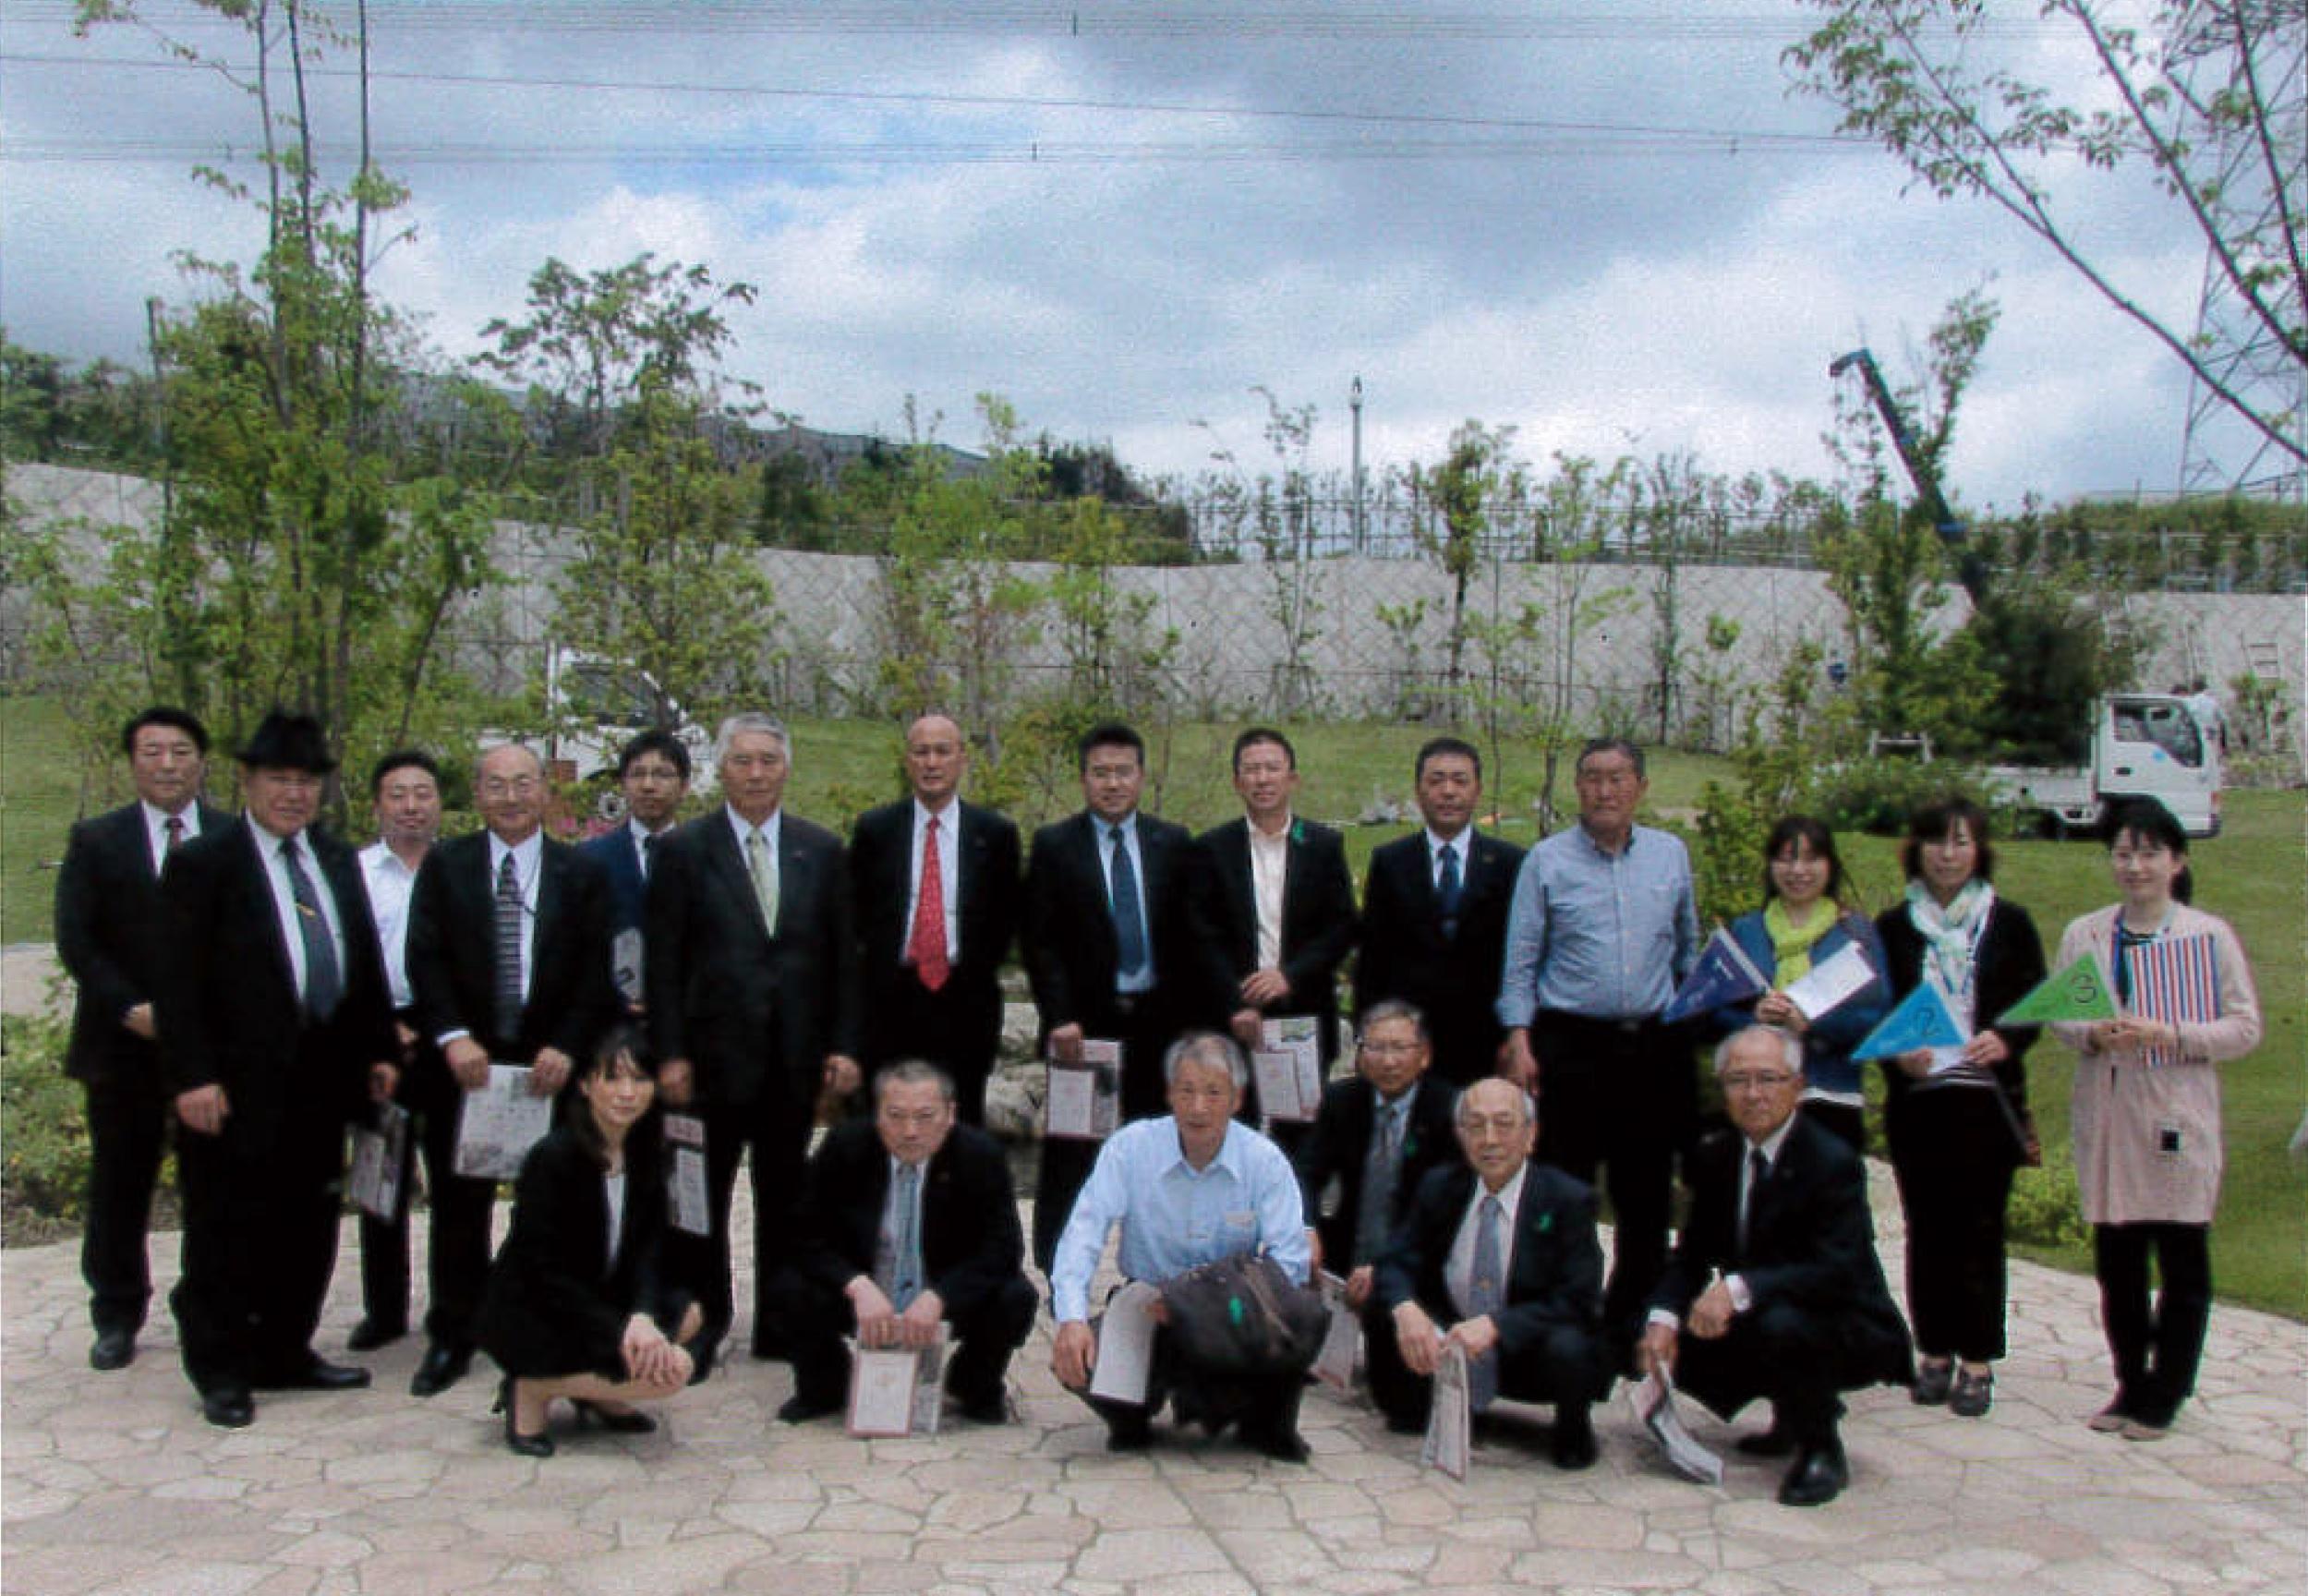 青森県五戸市からは議員の皆さんが樹木葬の視察に見えました。